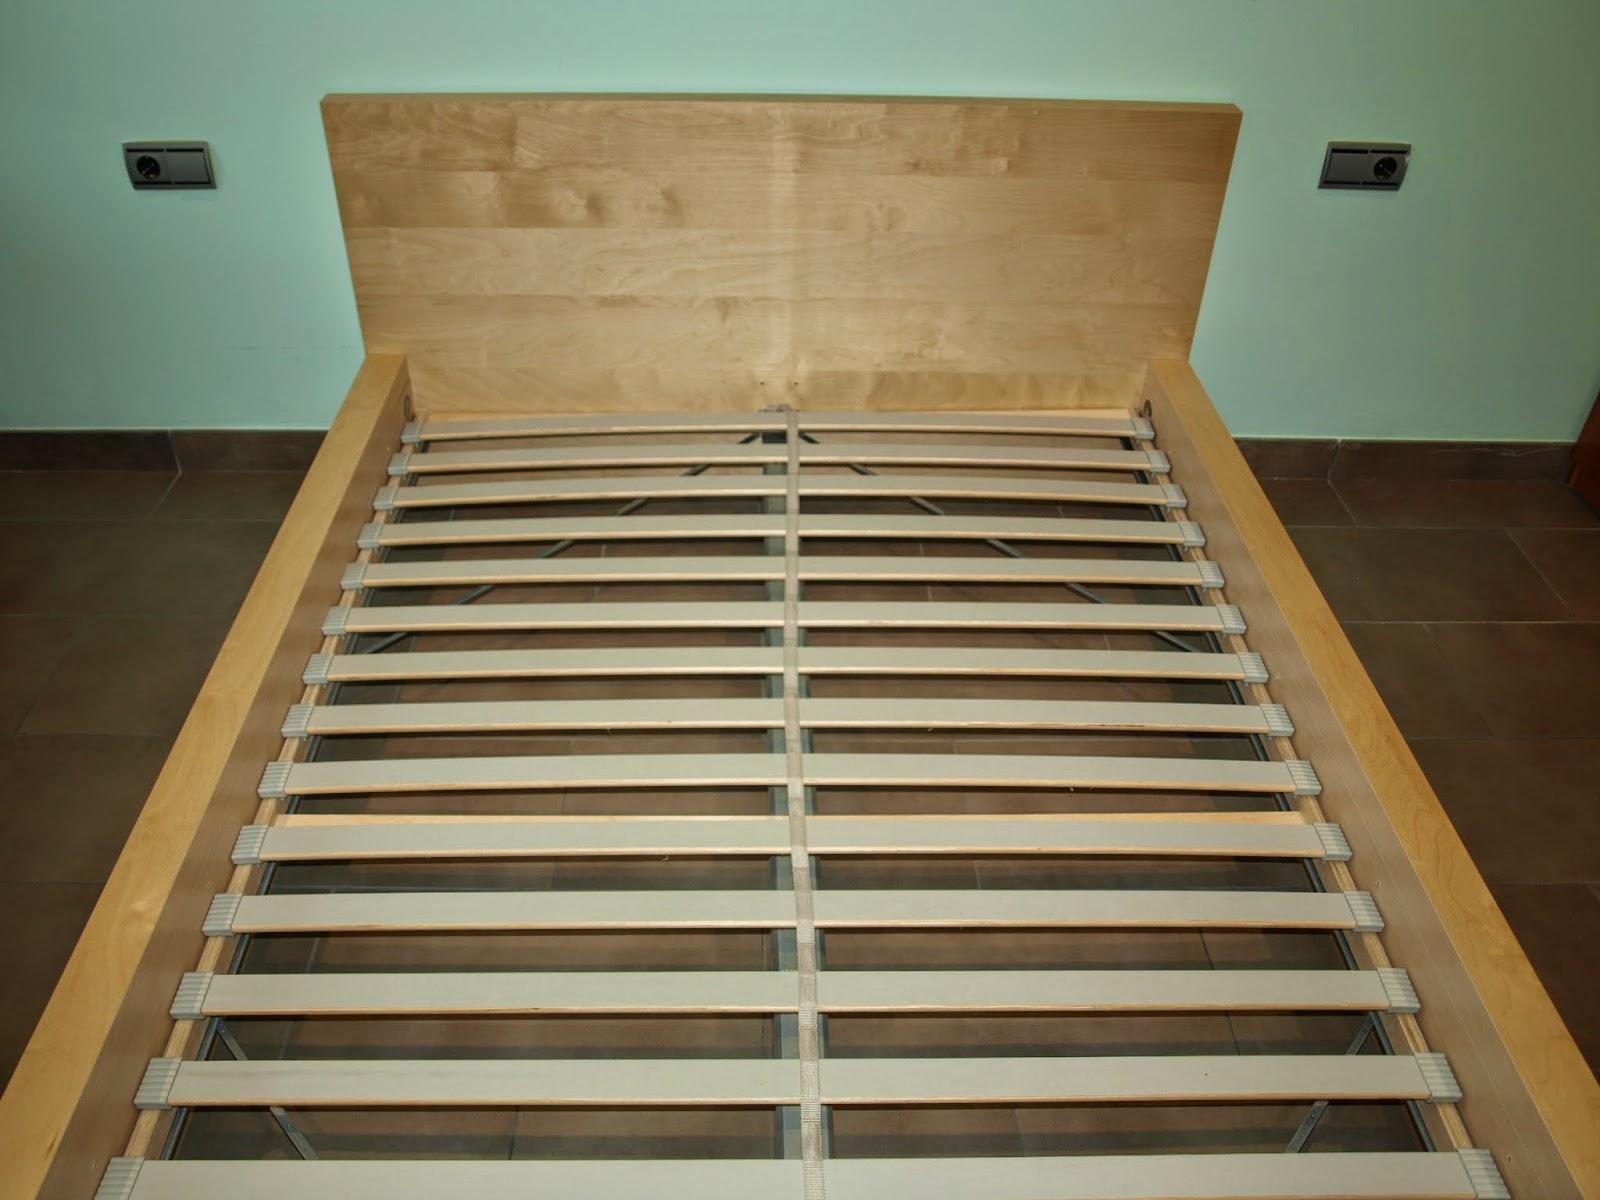 medidas sofa cama ikea medidas cama ikea estos modelos de colchones son de tamaos estndar diferentes materiales como